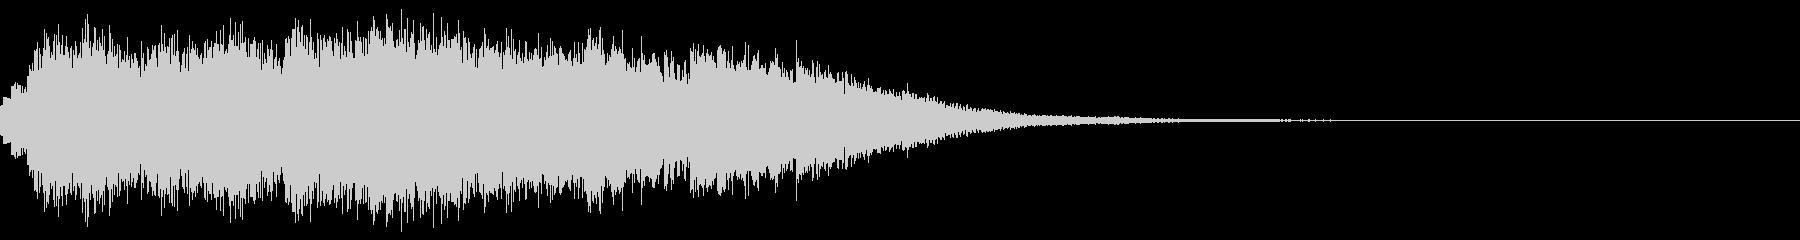 効果音 キラキラ 魔法 の未再生の波形